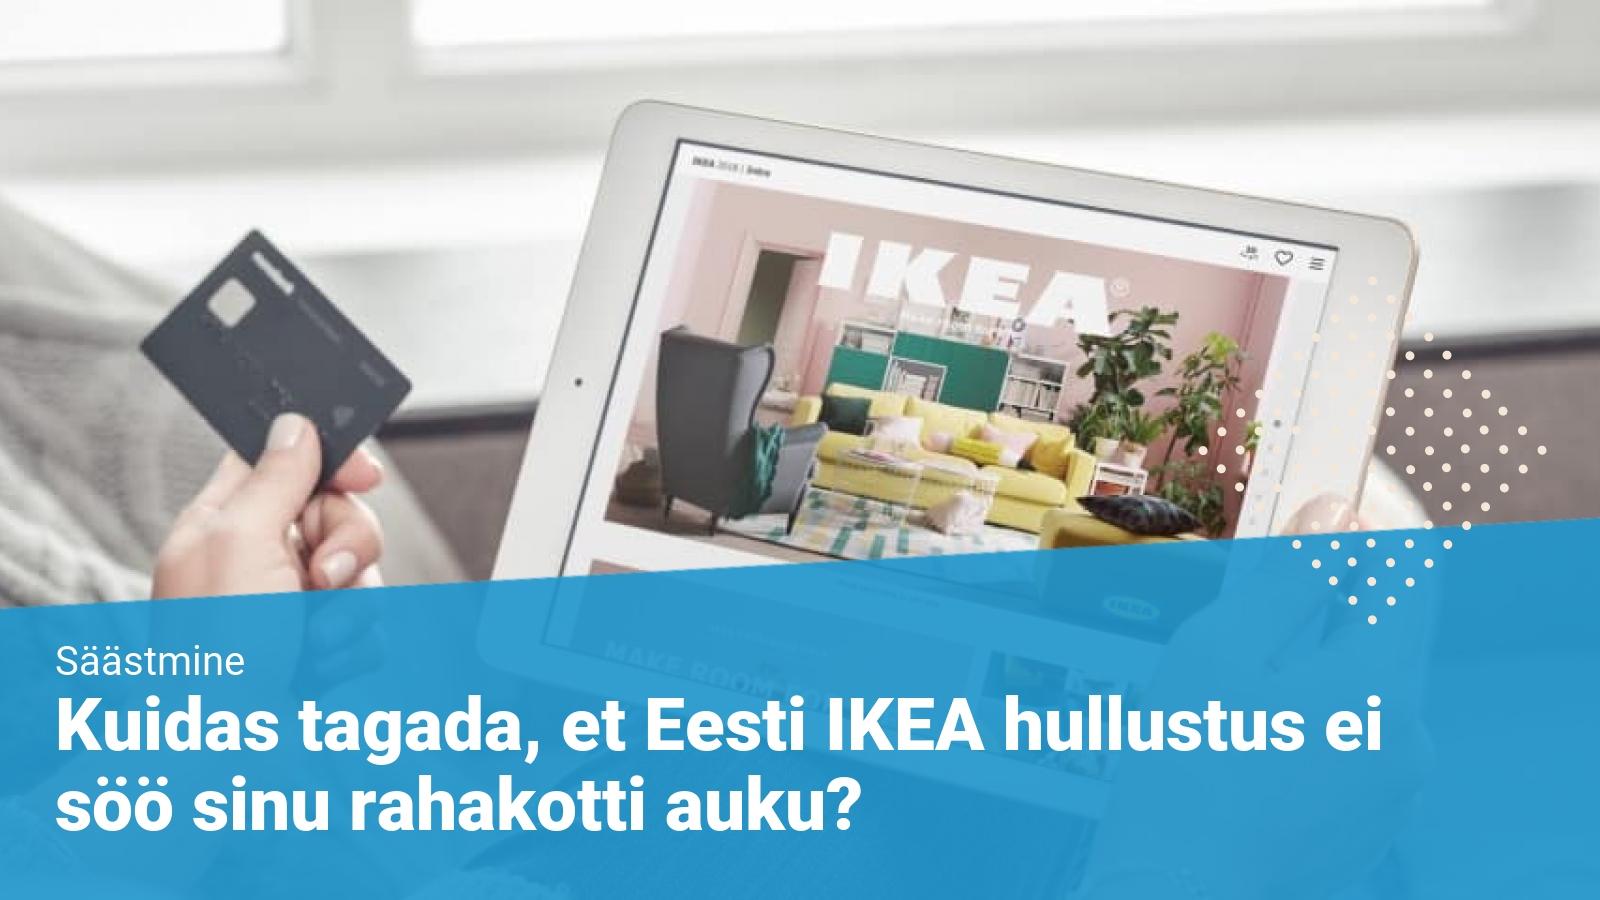 Eesti IKEA e-pood